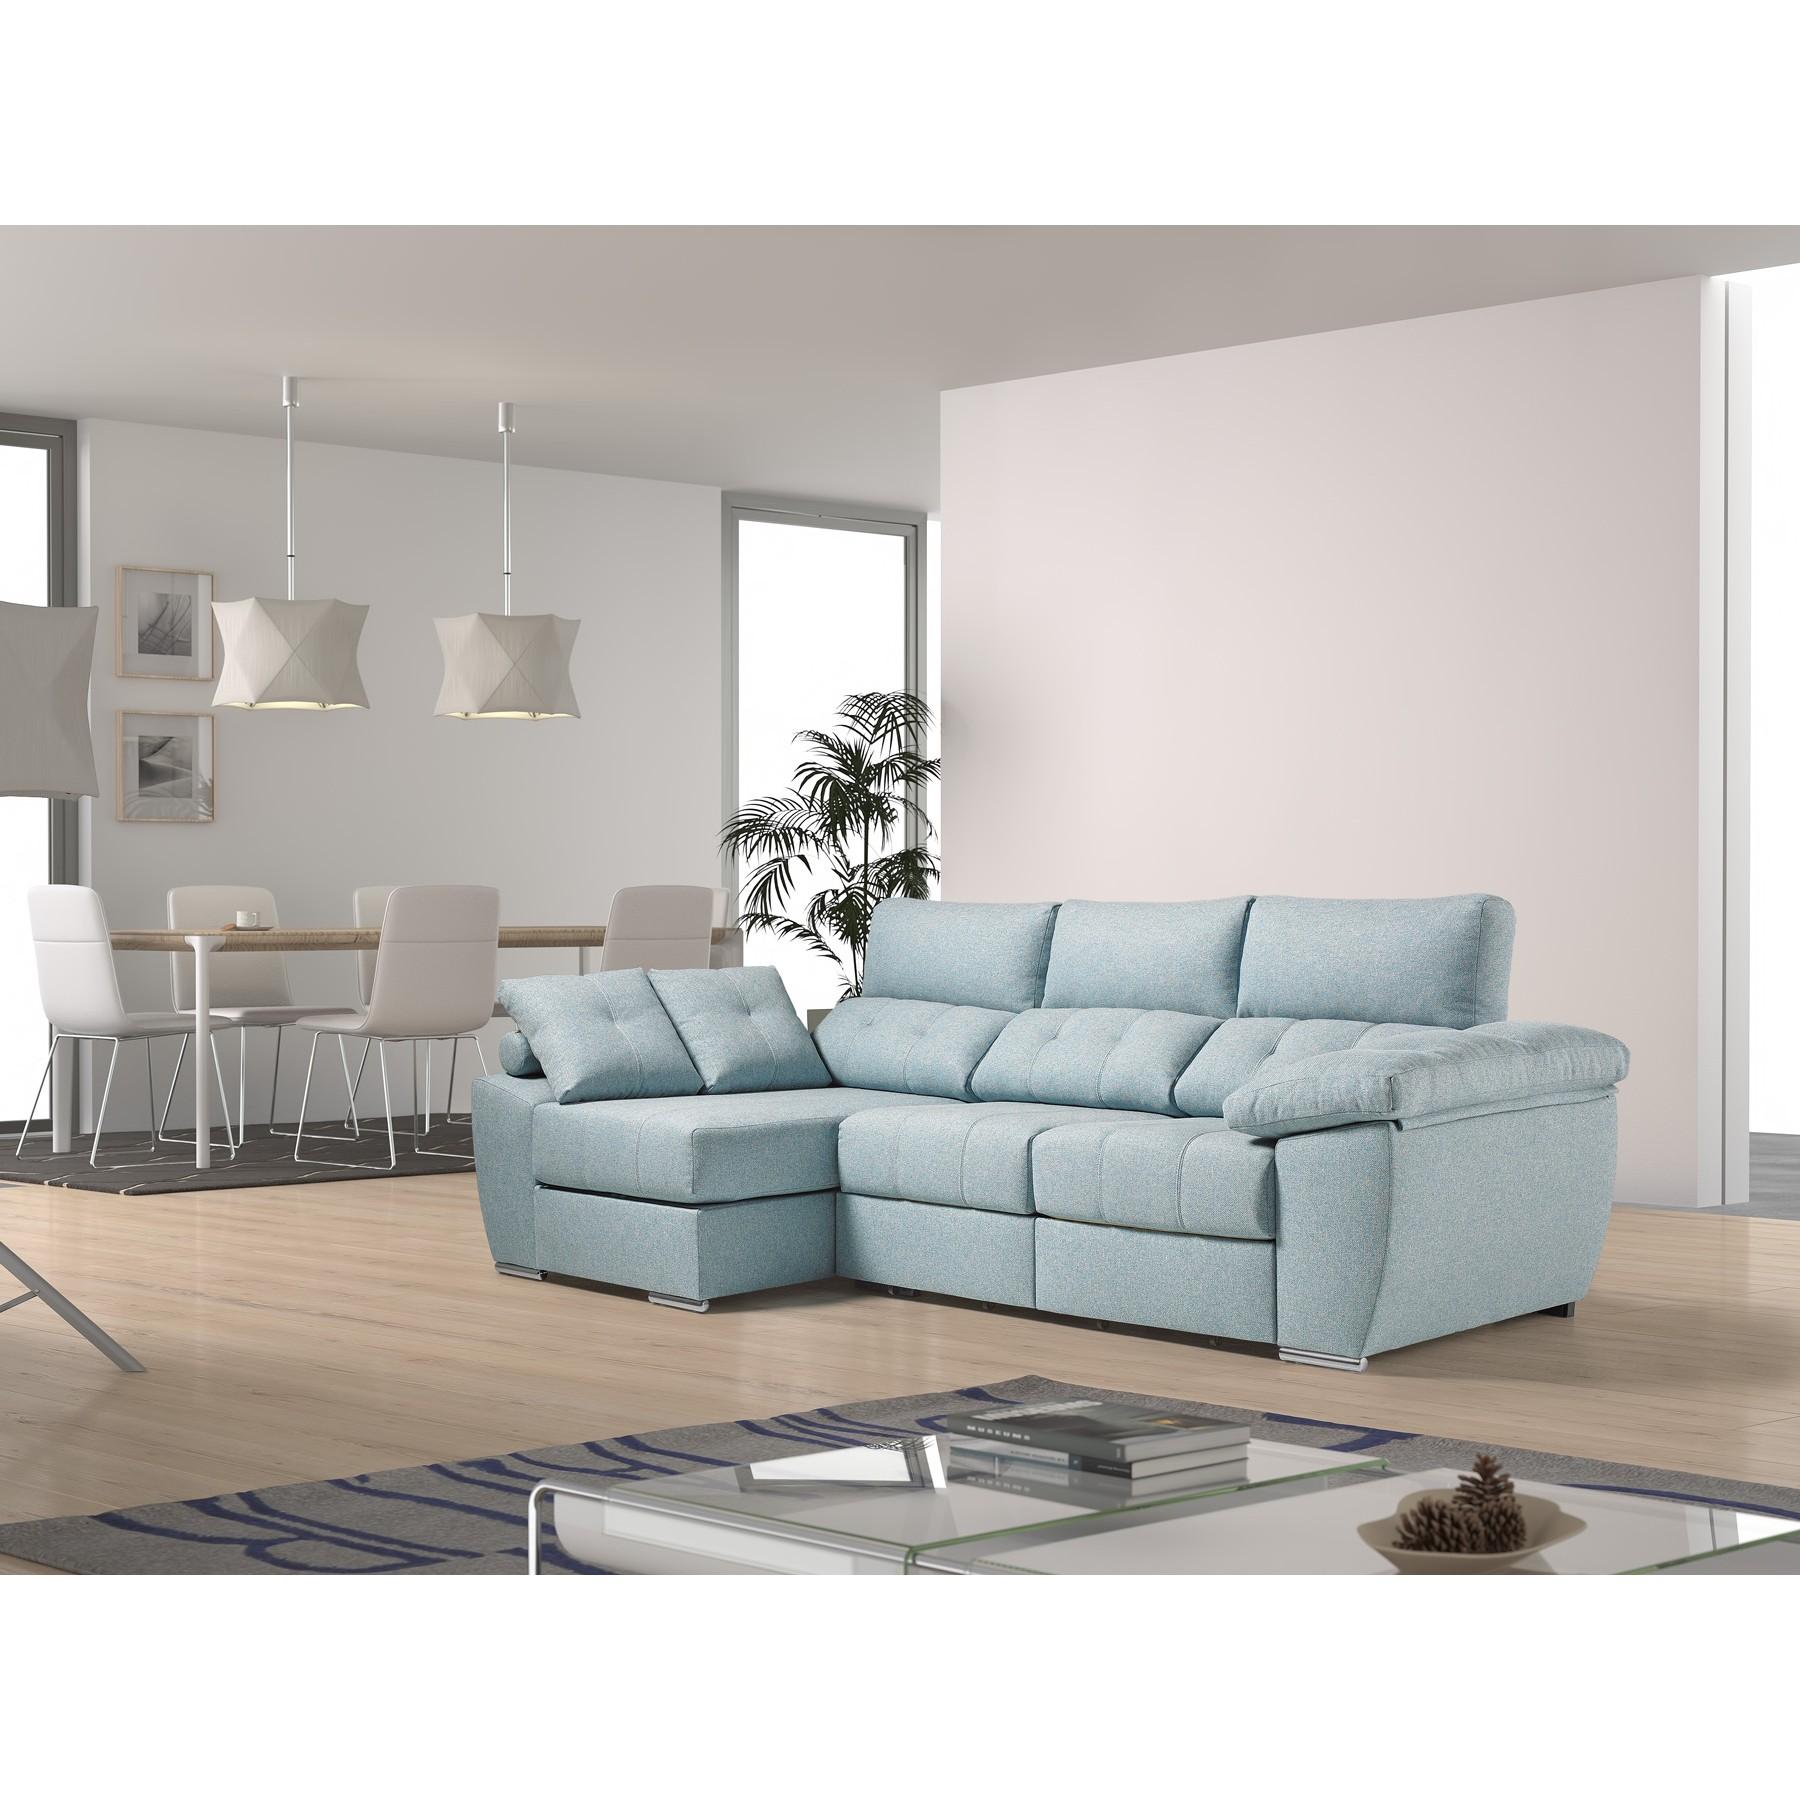 Tipo de sofá ideal